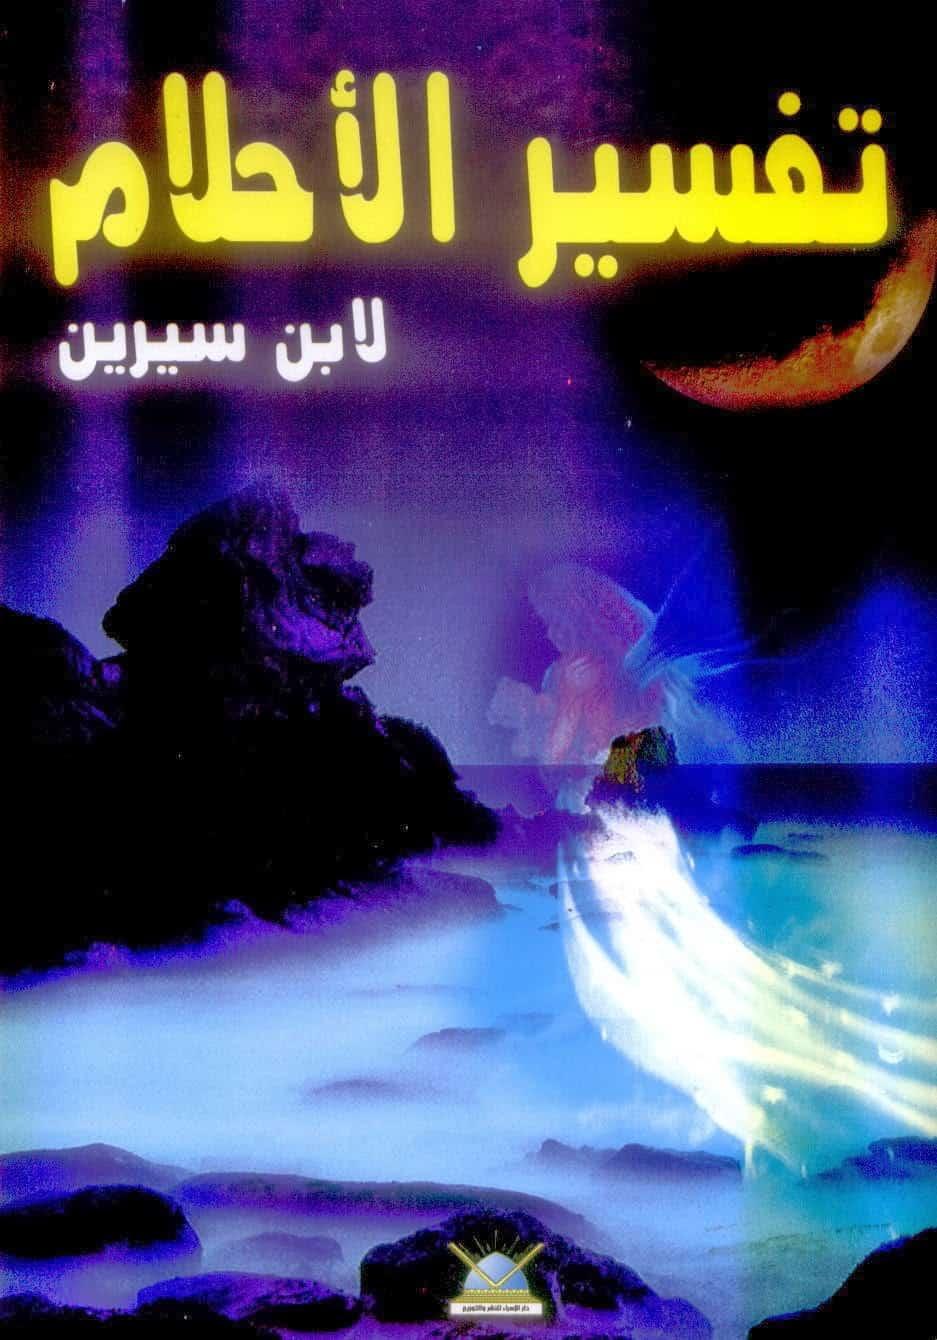 صور تفسير الاحلام لابن سيرين حرف الفاء , باب الفاء في كتاب ابن سيرين لتفسير الاحلام